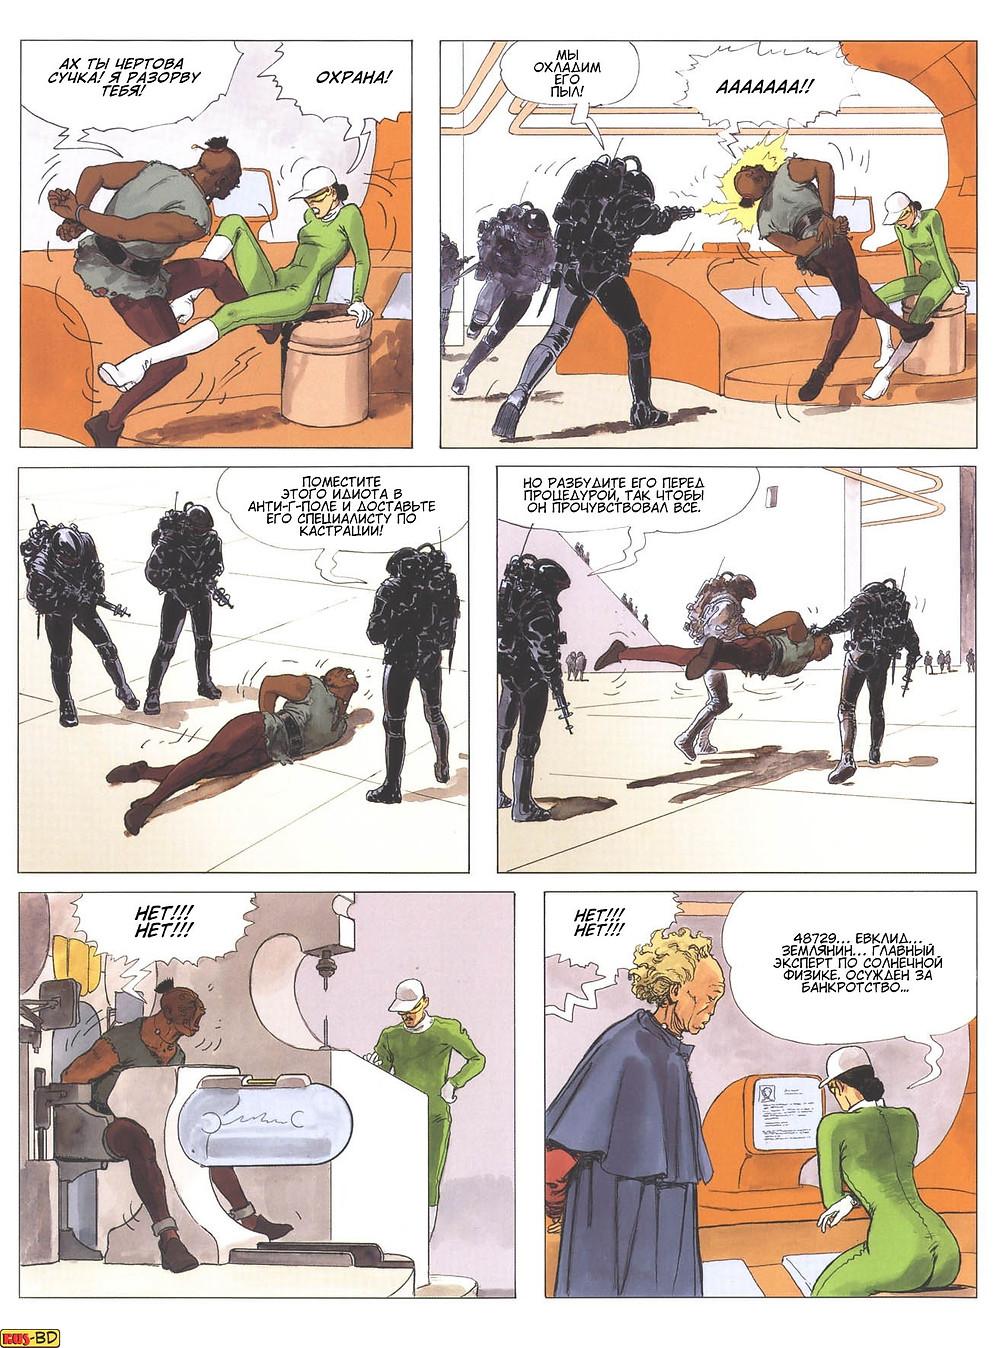 Эротический комикс на русском. Мило Манара. Пиранезе - планета тюрьма. Страница 9